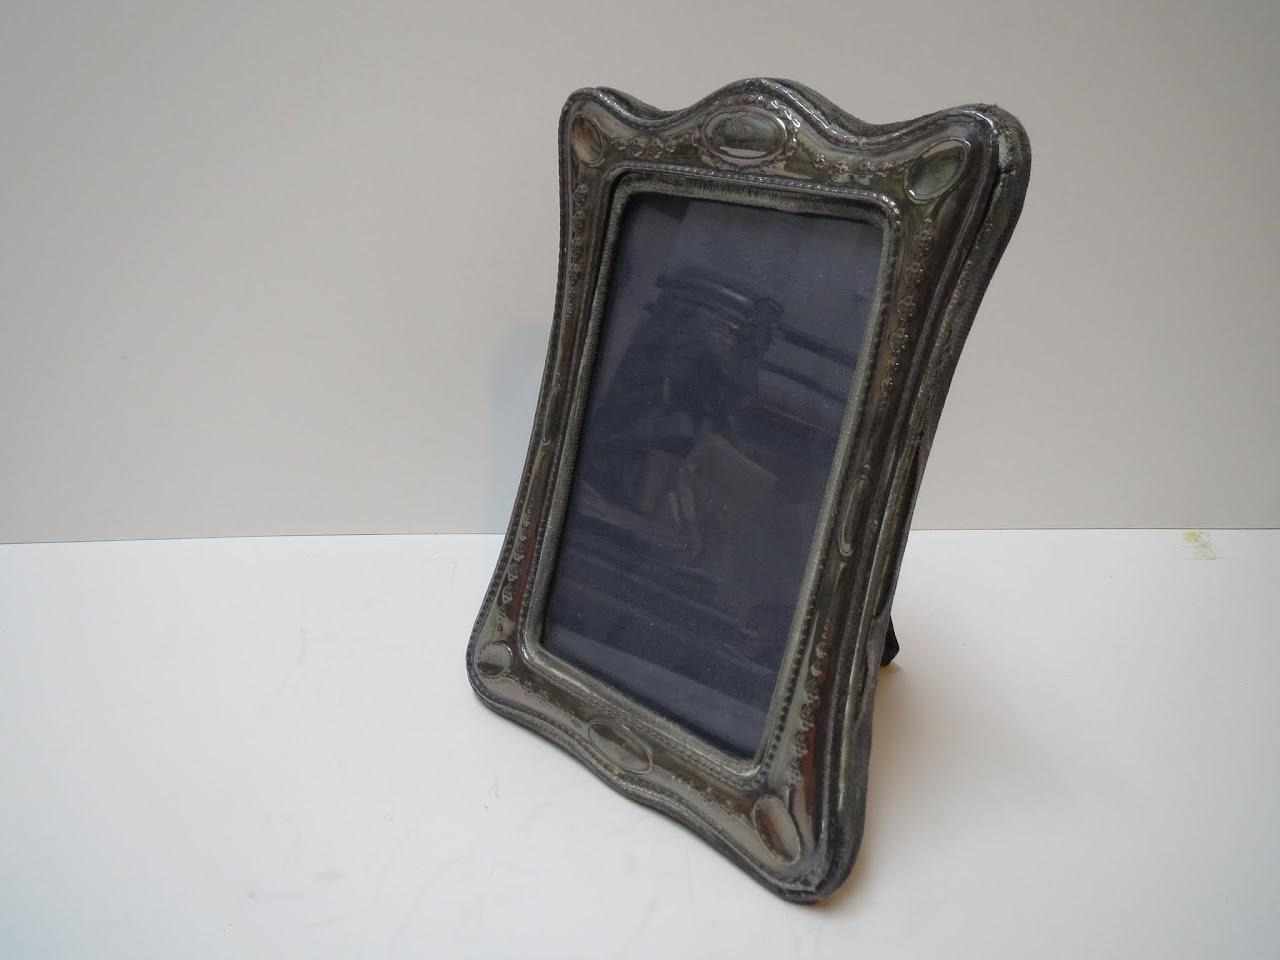 Antique Sterling Silver Frame